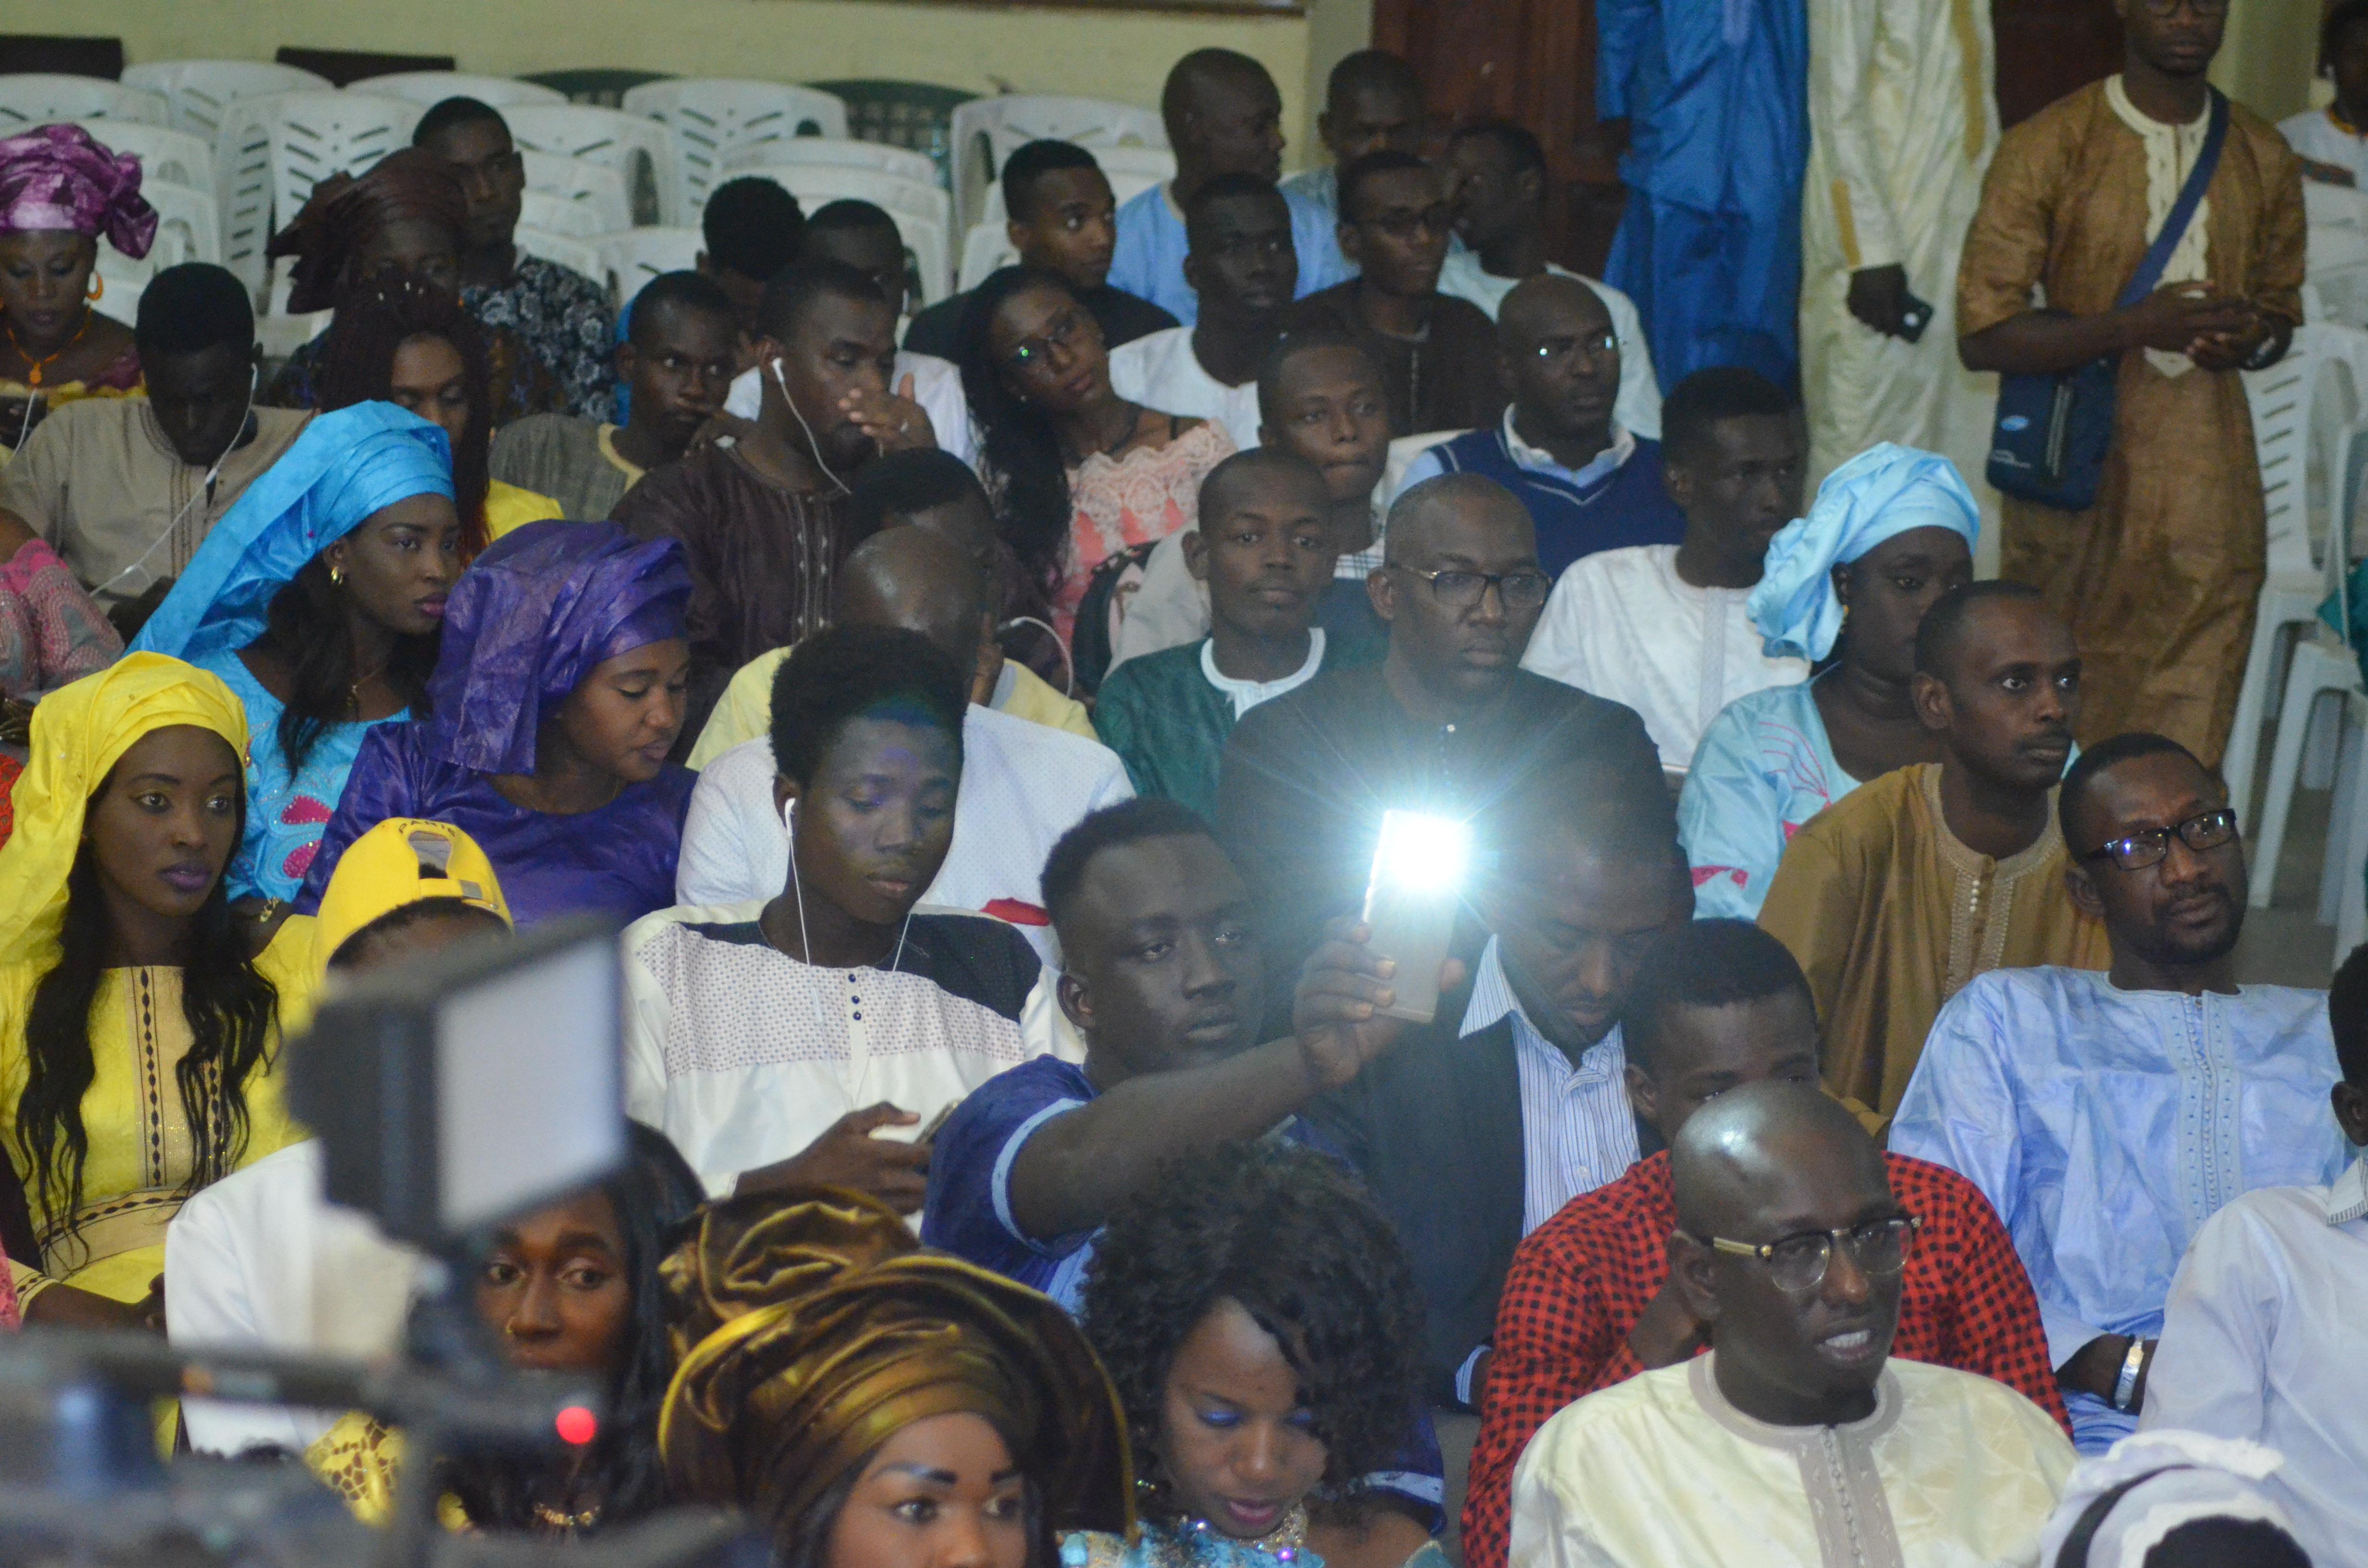 Première Edition soirée culturelle de l'Association Boyinadji Ma fierté de Bokidiawé, le parrain Bocar Abdoulaye Ly appelle à l'union des cœurs (5)